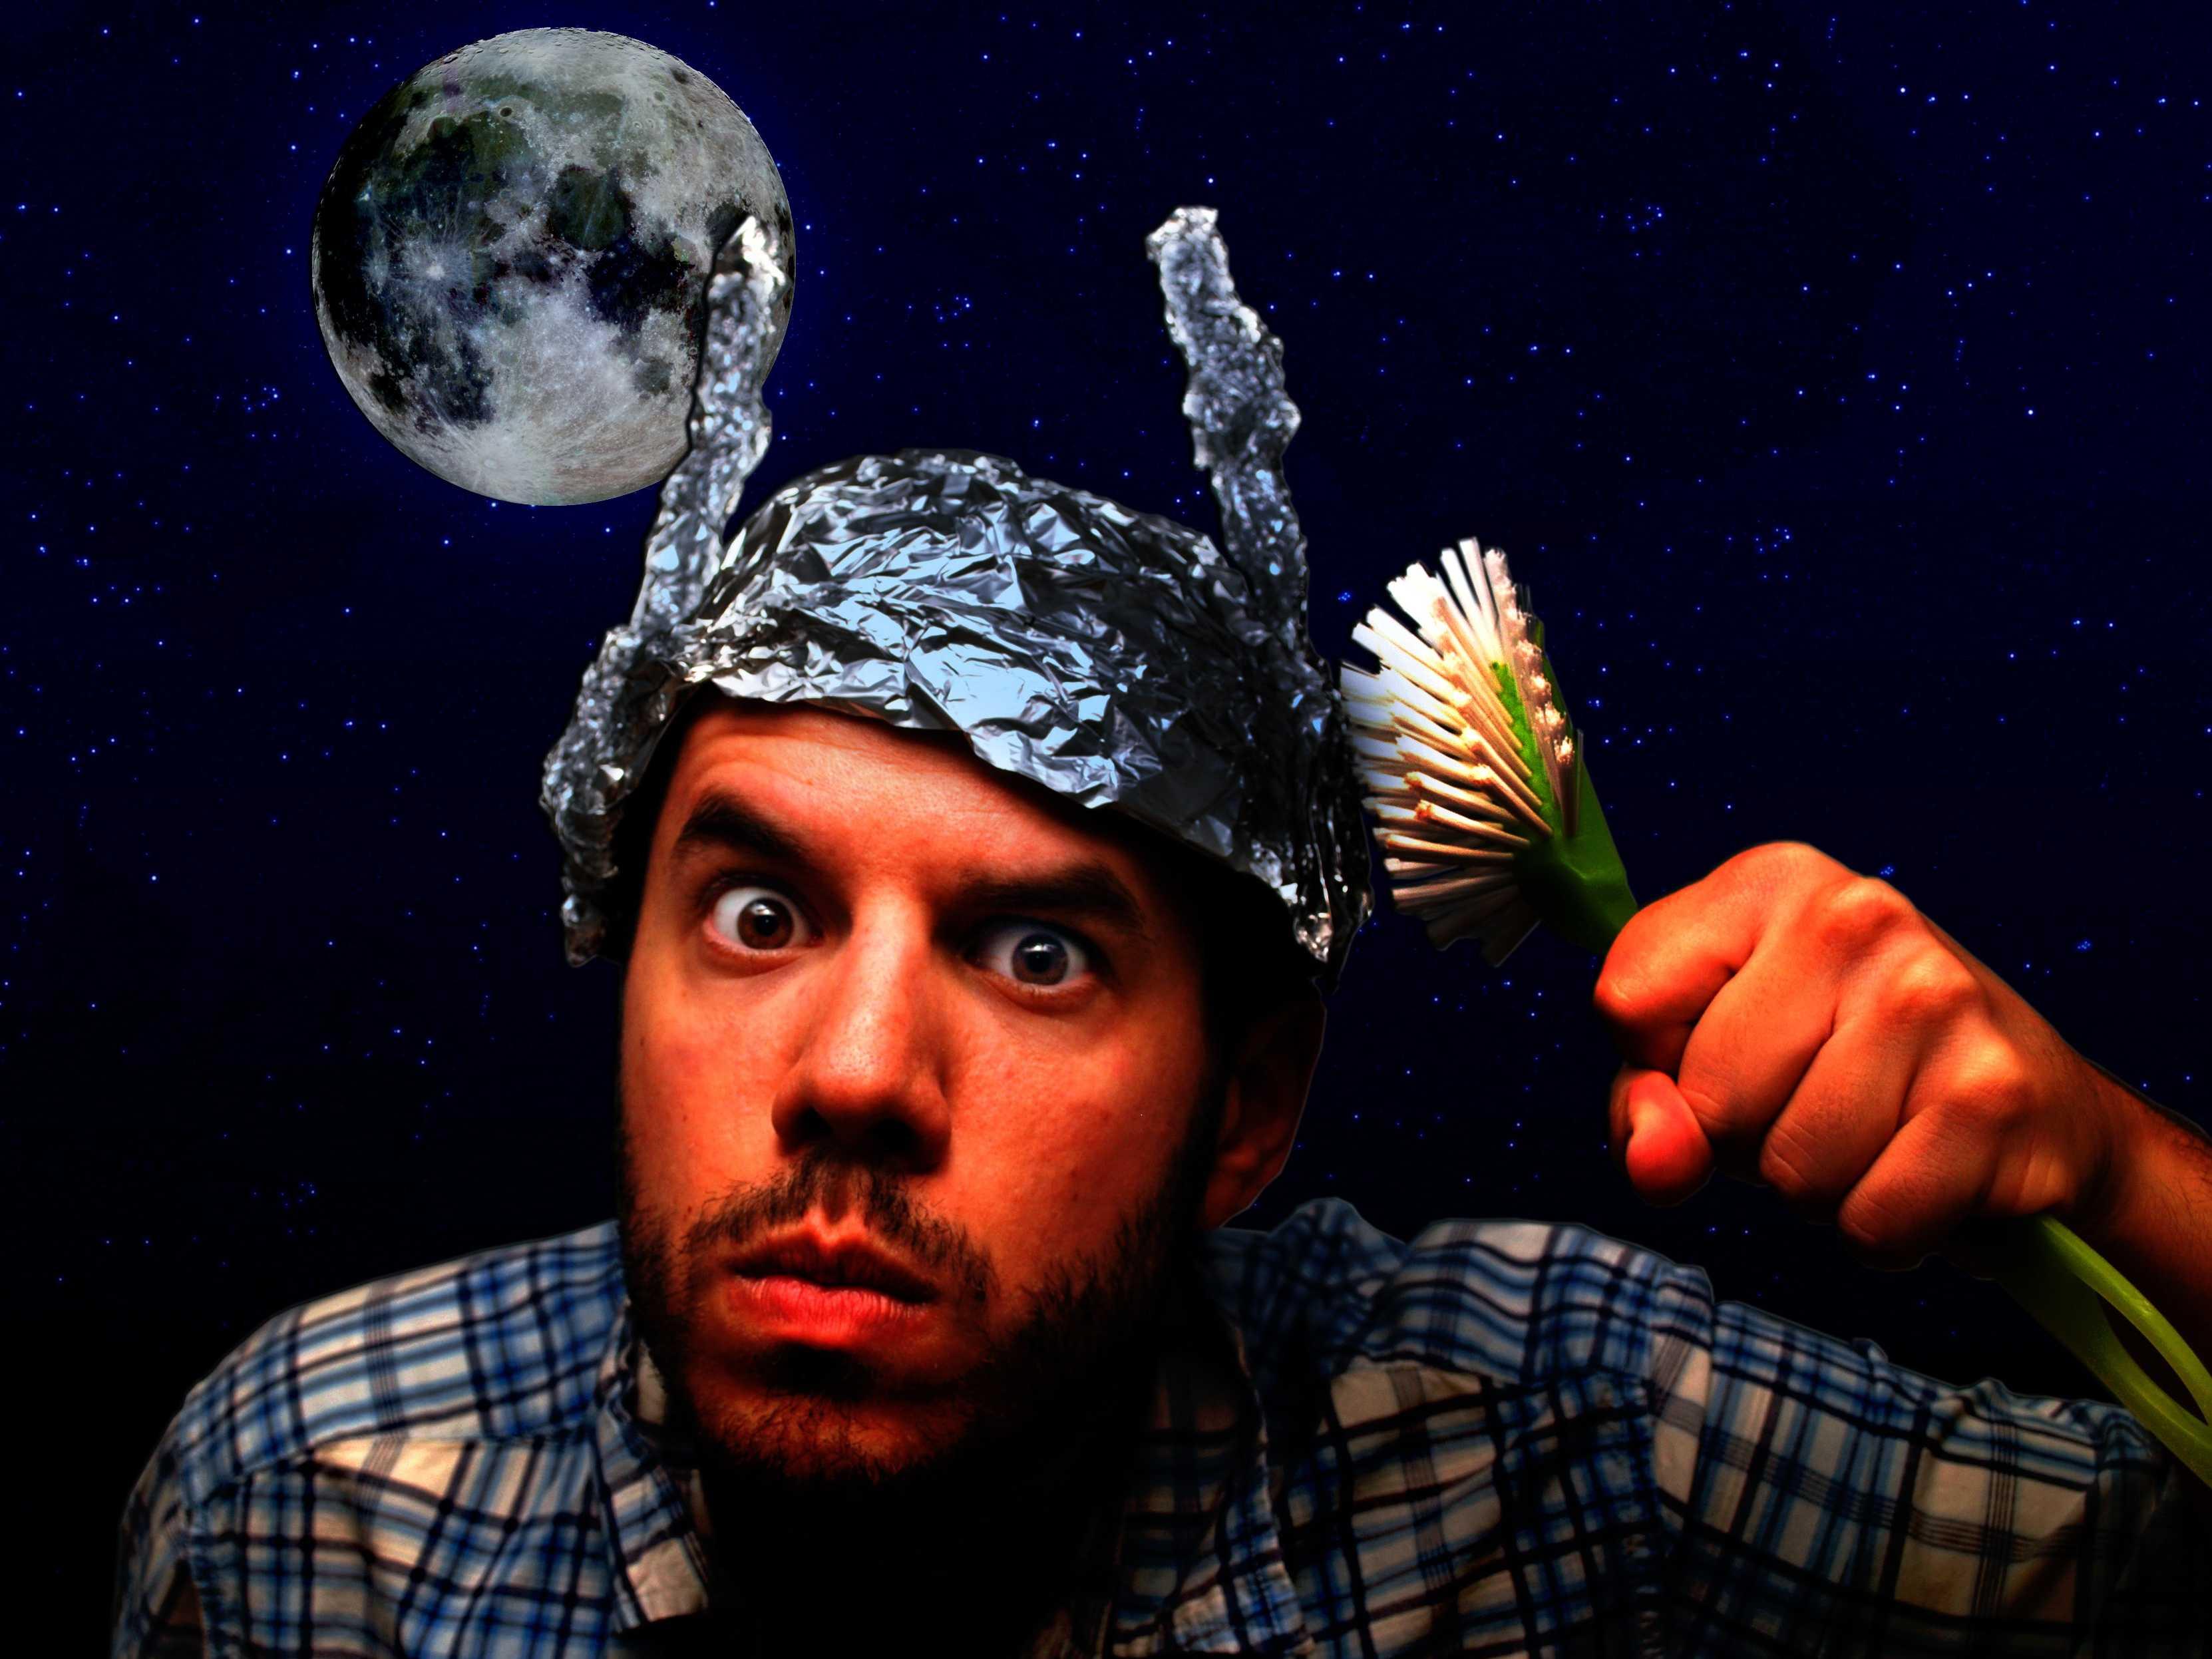 helmets?-tinfoil-hat.jpg